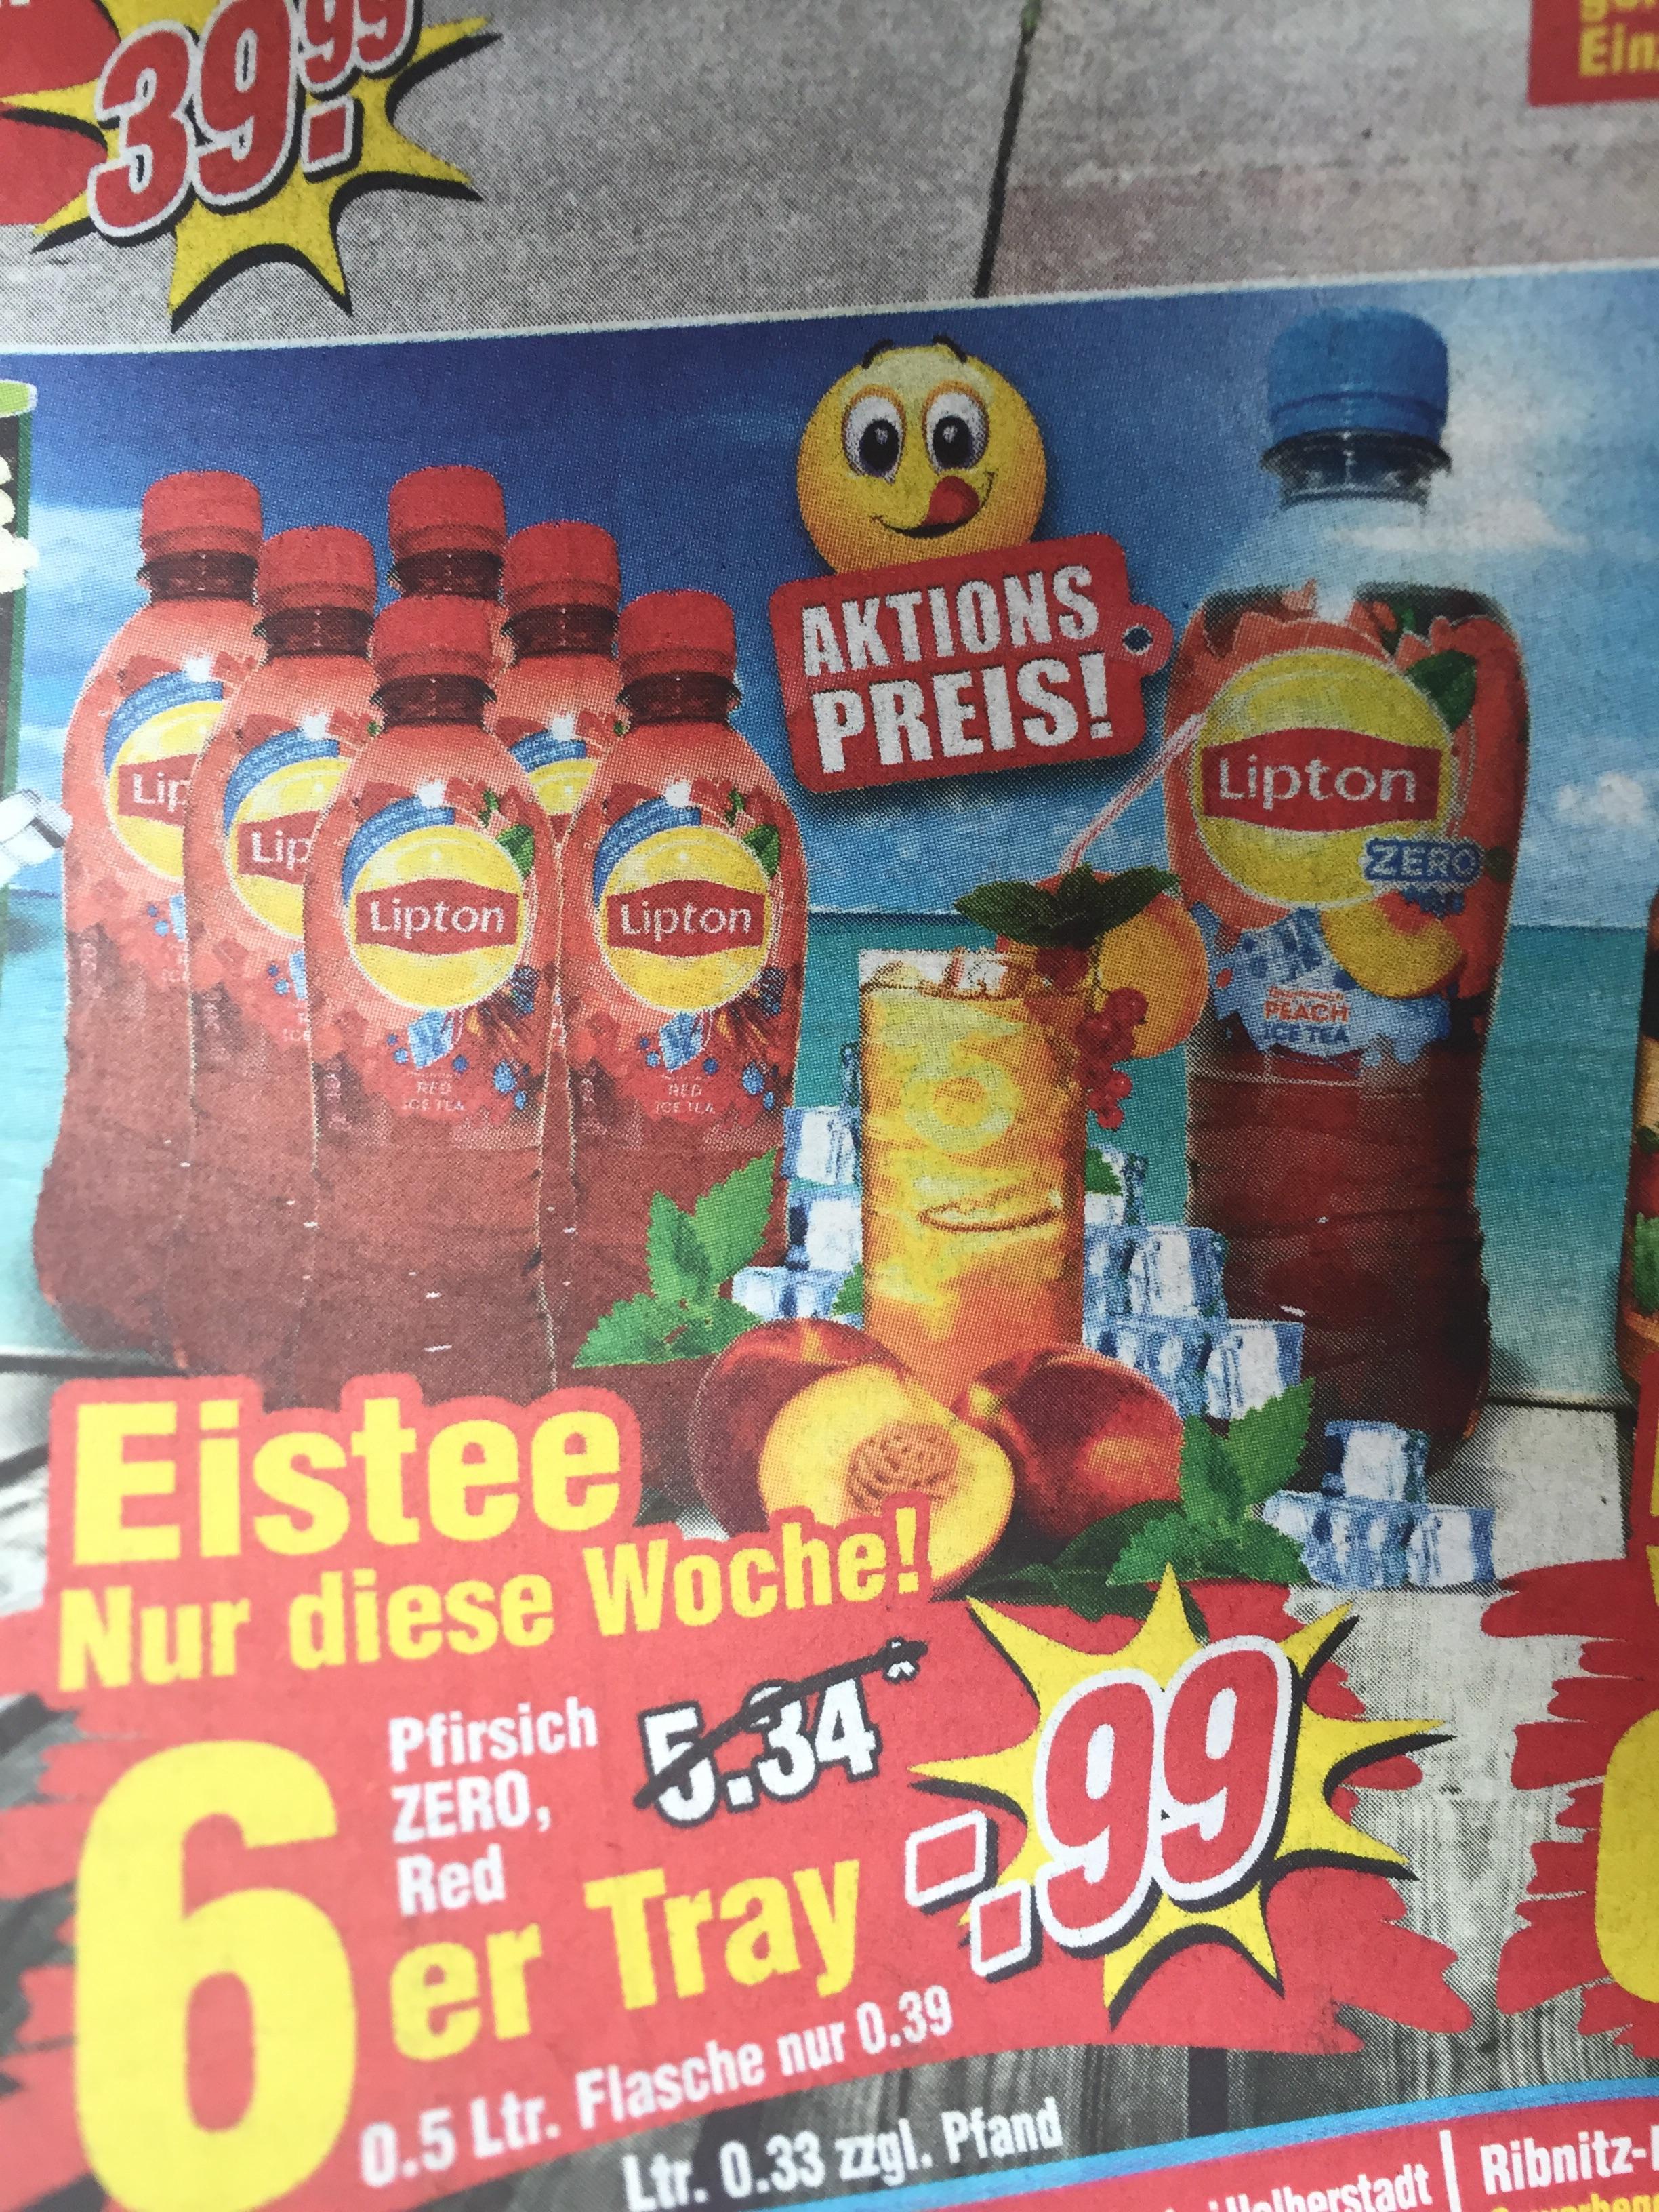 [Wiglo] Lipton Eistee 6x 0,5 Liter Classic, Zero & Red für 0,99€ + 1,50€ Pfand